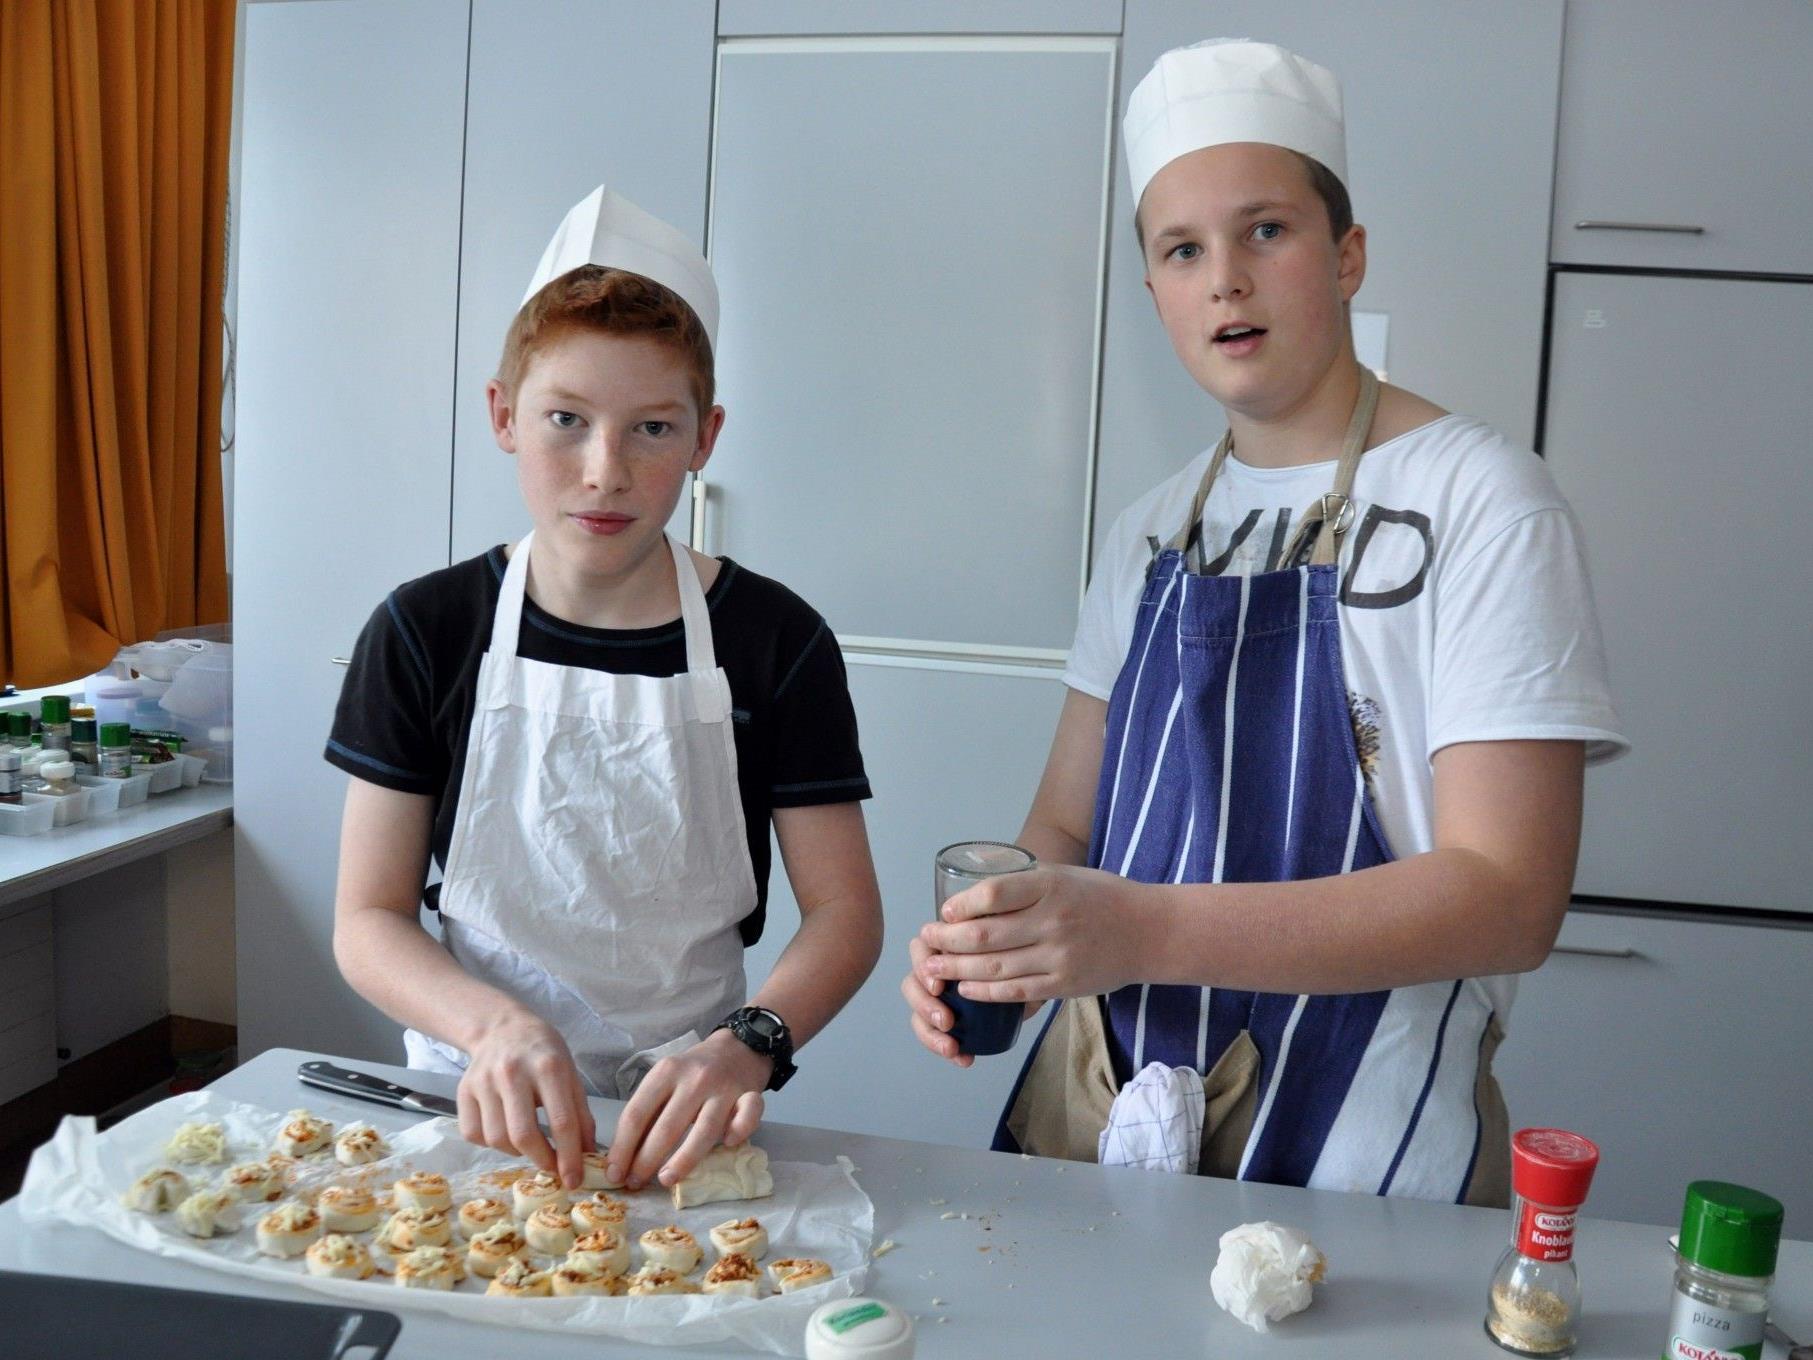 Leckere Rezepte sowie Tipps und Tricks rund ums Kochen stehen auf dem Programm.